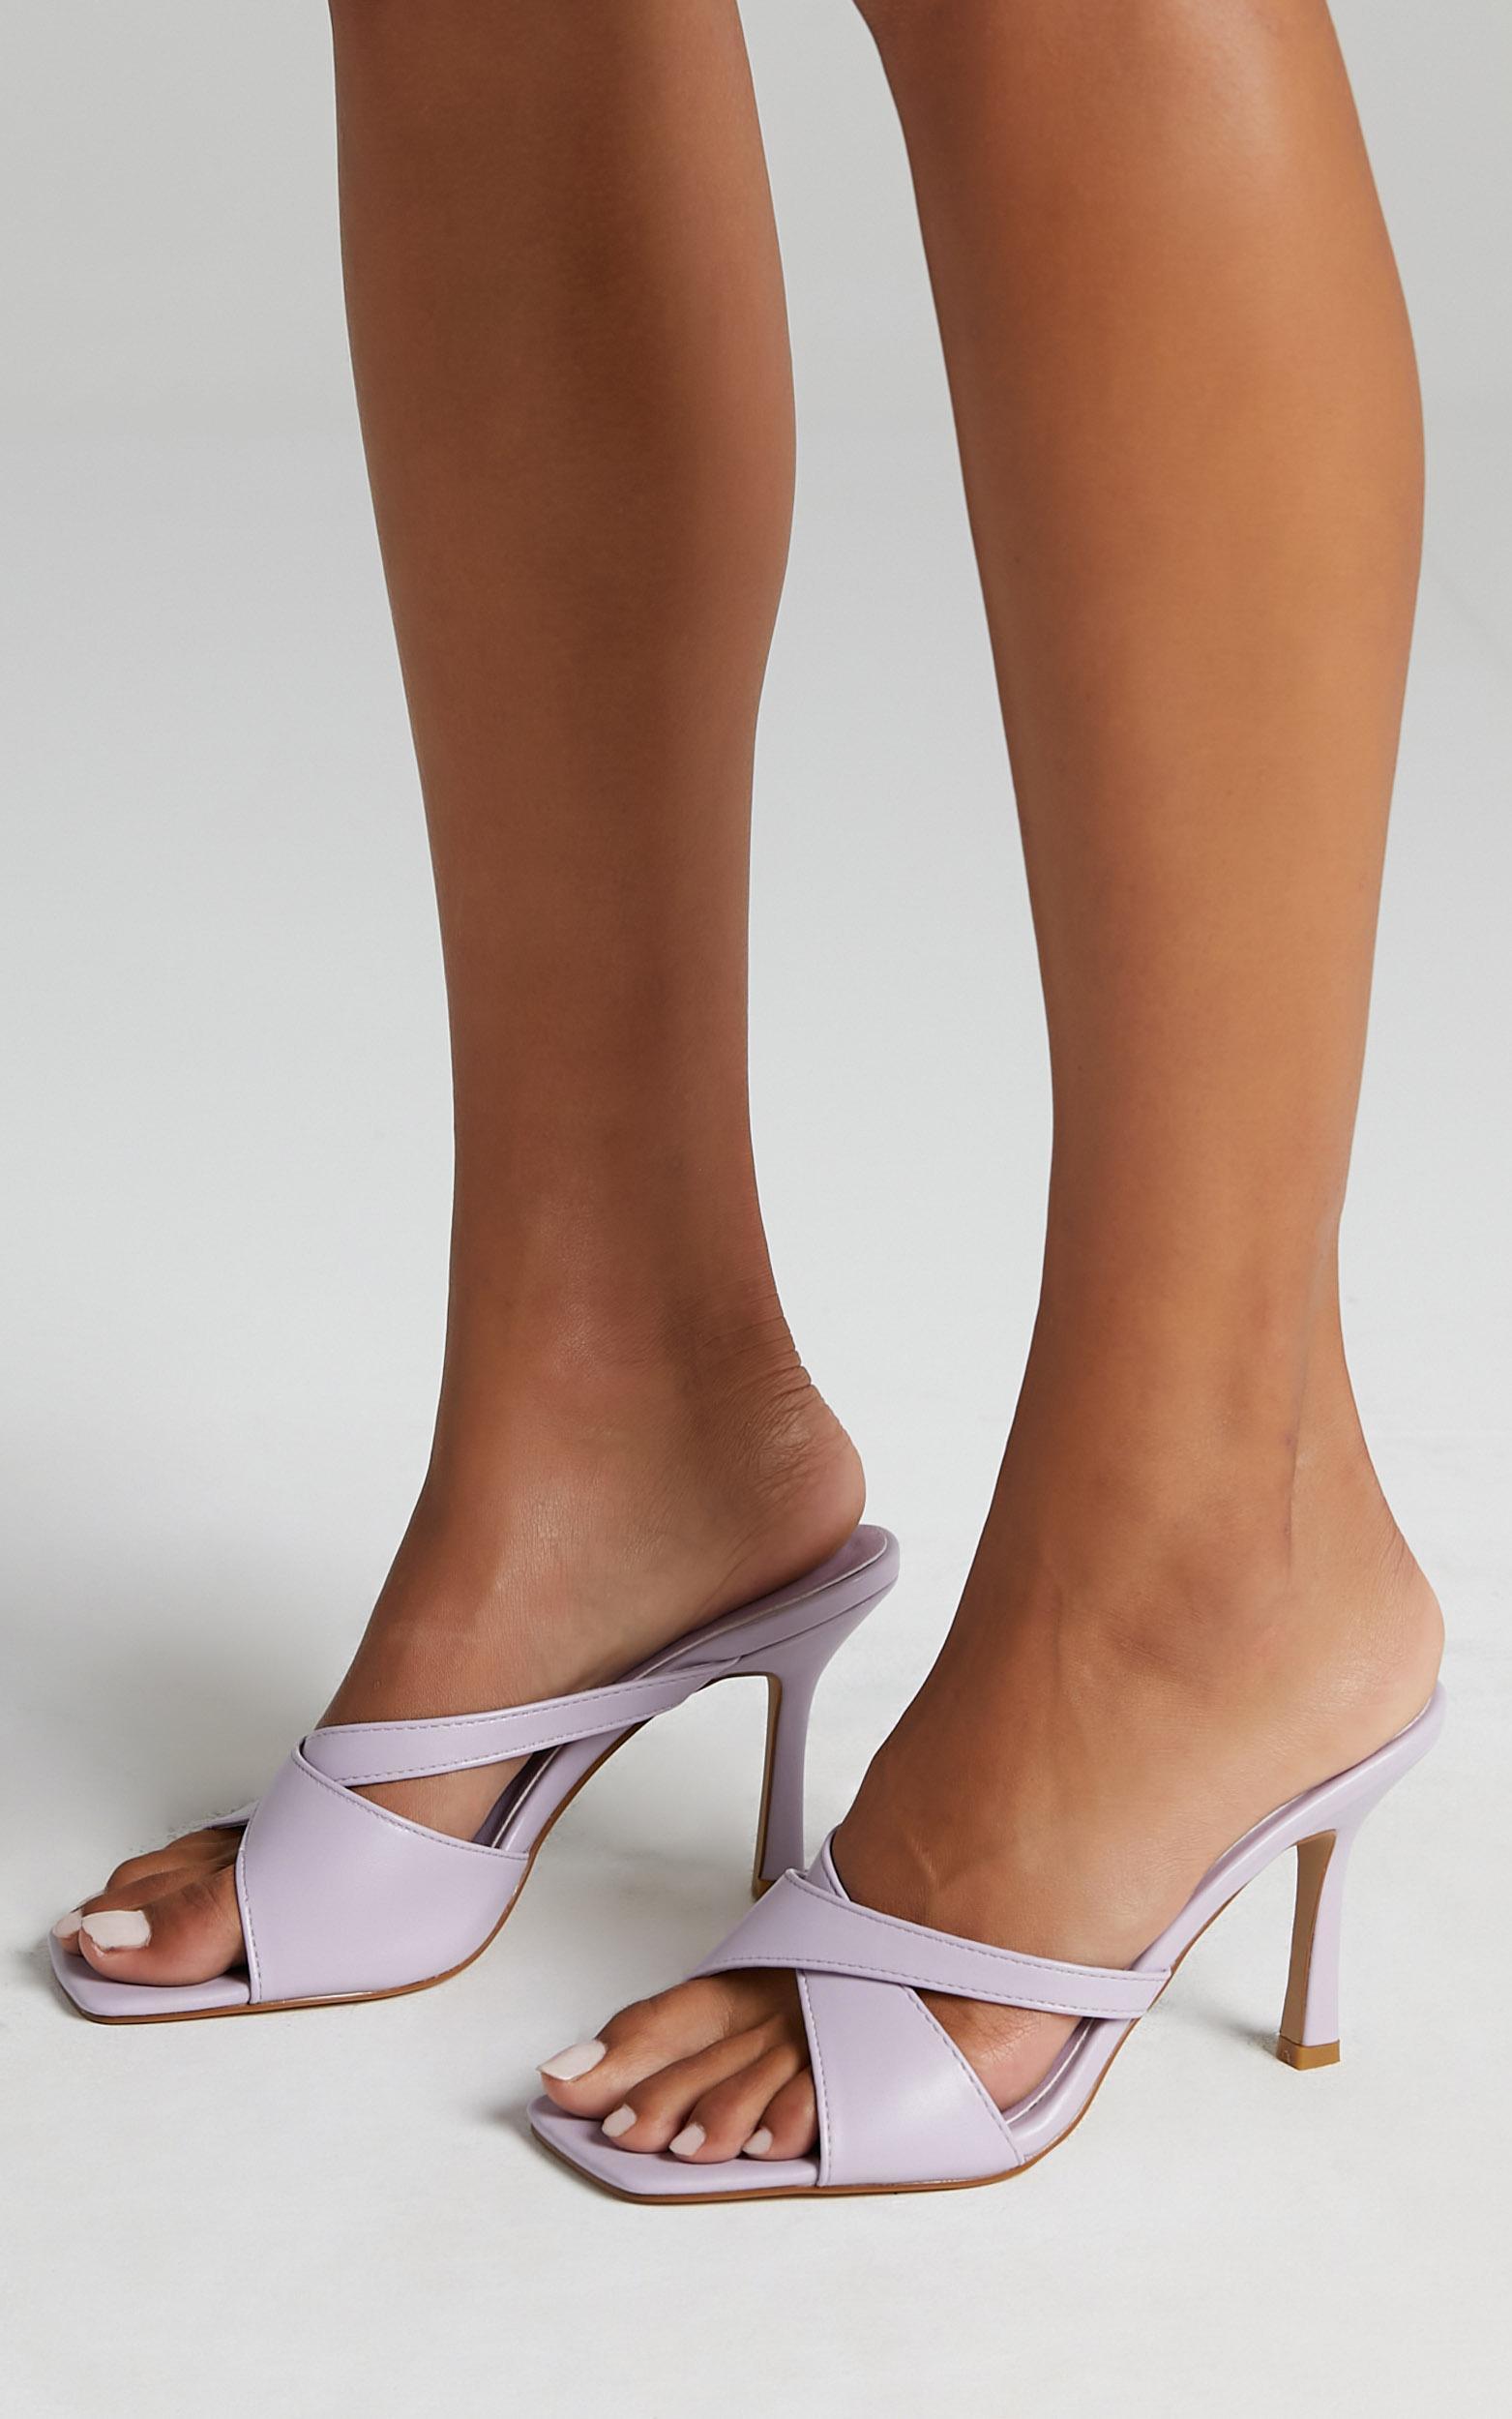 Billini - Salem Heels in Lilac - 5, PRP3, hi-res image number null